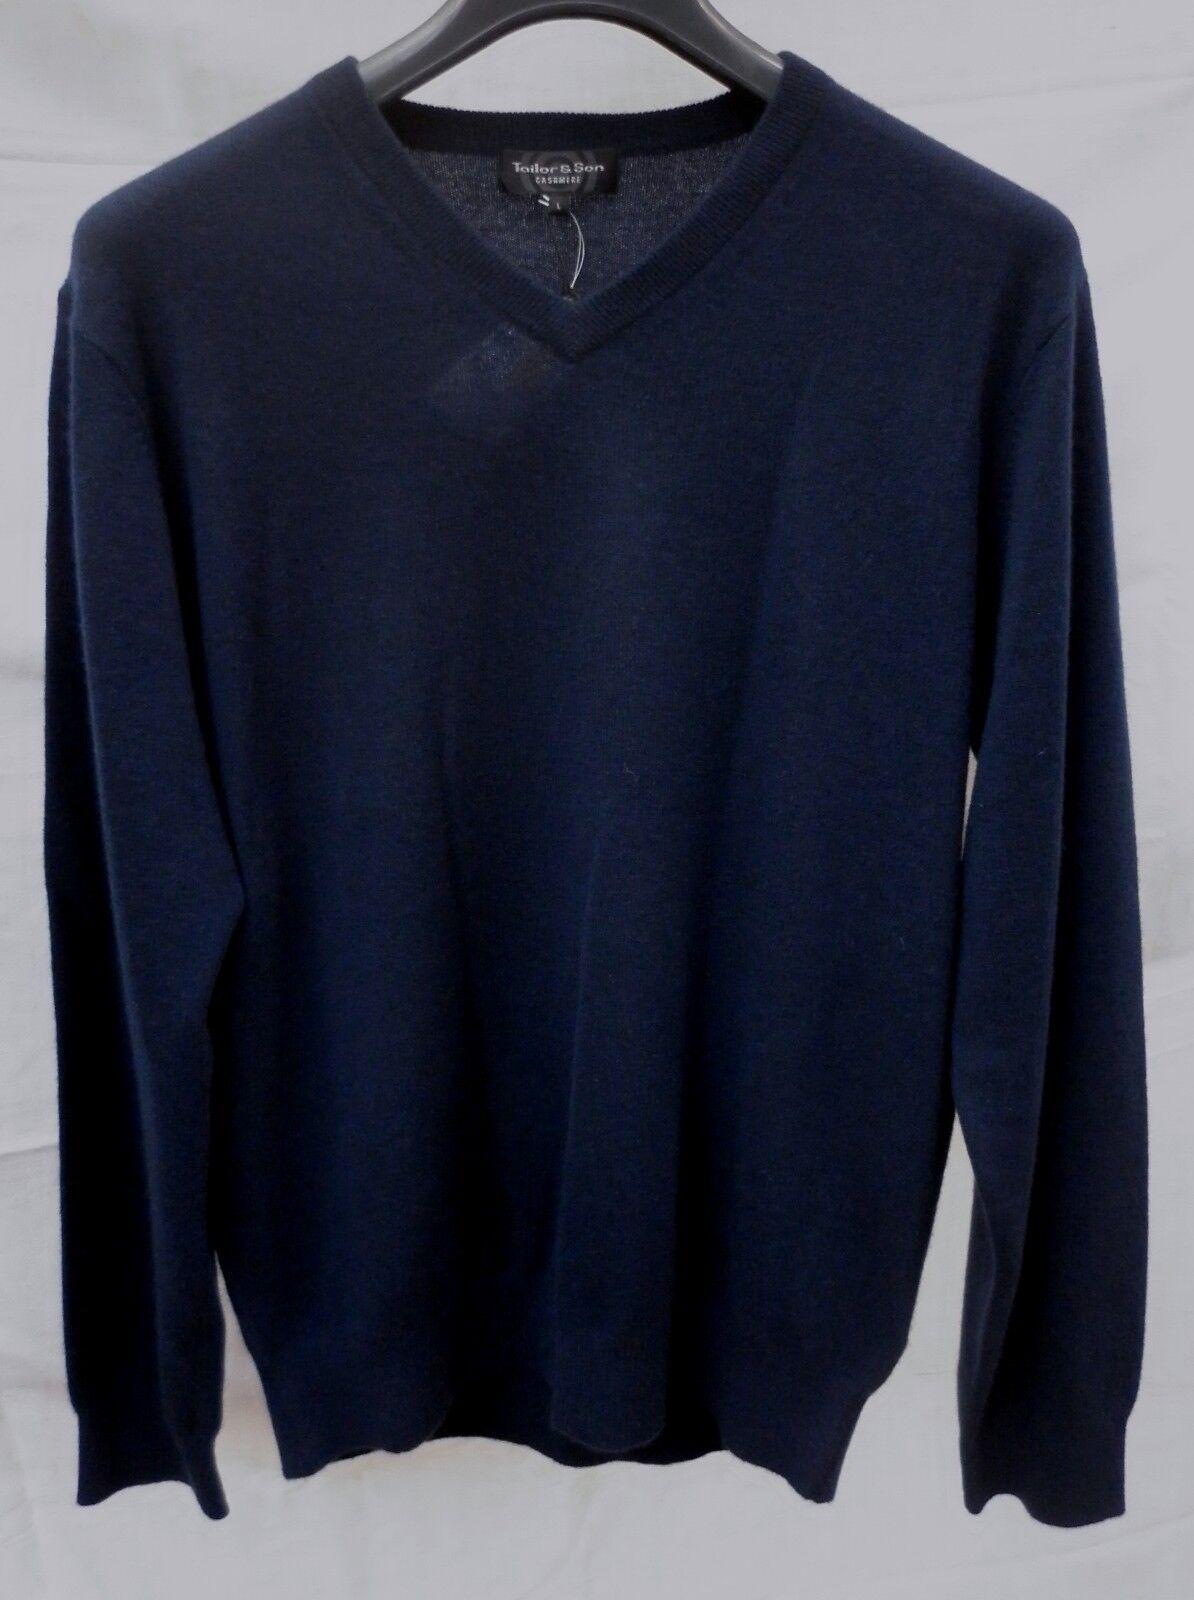 100% Kaschmir Pullover XXL blau TAILOR & SON dunkelblau V-Ausschnitt MARITIM